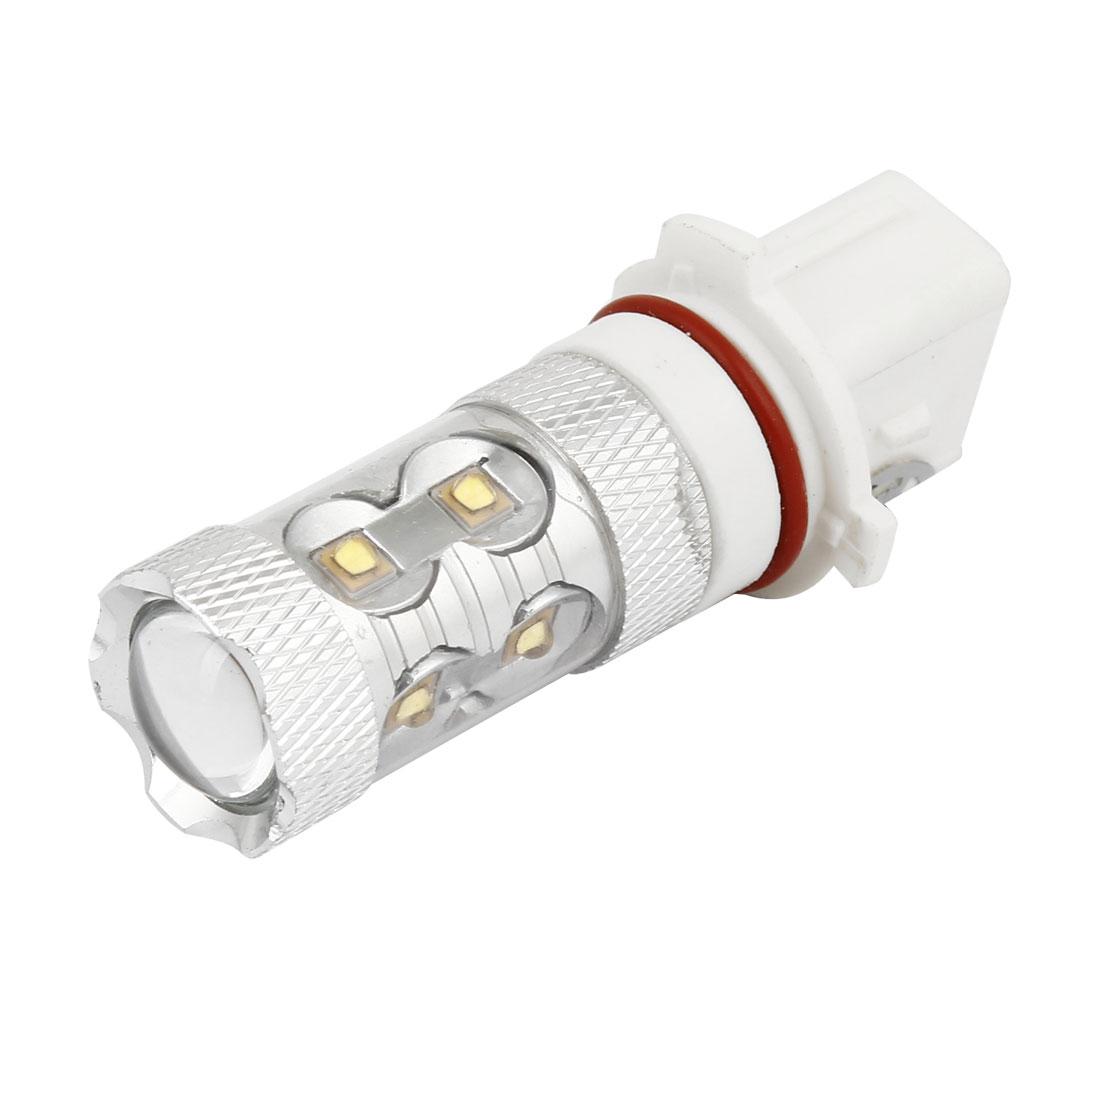 Car Auto P13W 10 SMD LED Strob Flash Steady Bright White Fog Head Light Bulb Lamp DC 12V 50W